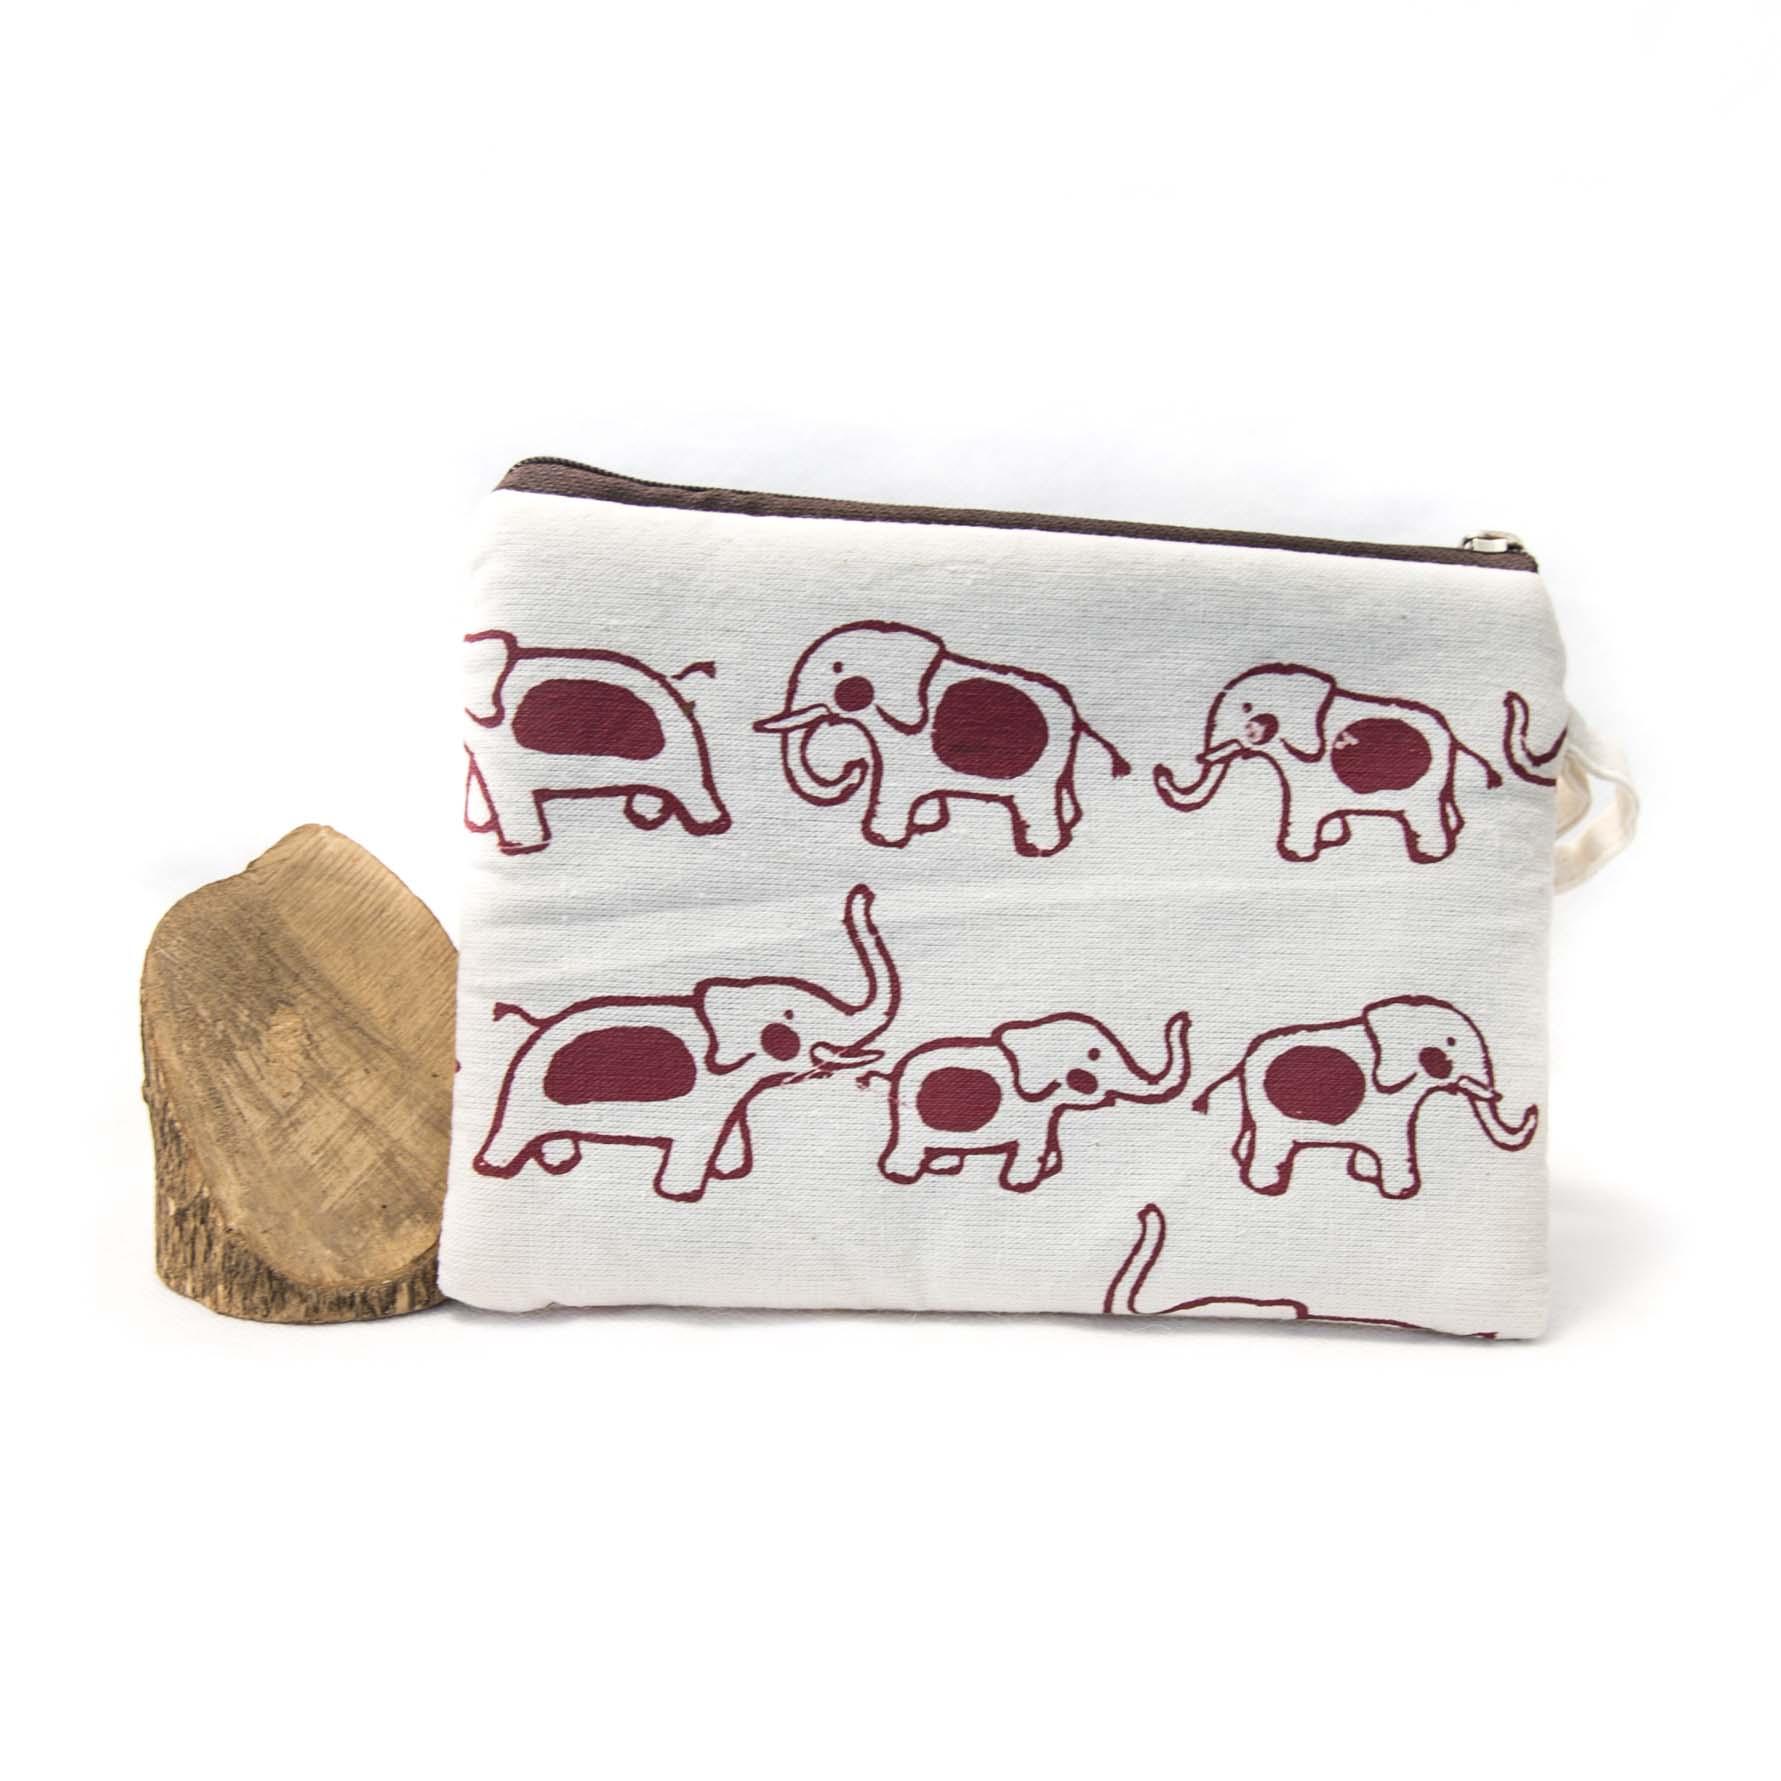 sacoche blanche aux motifs d'éléphant